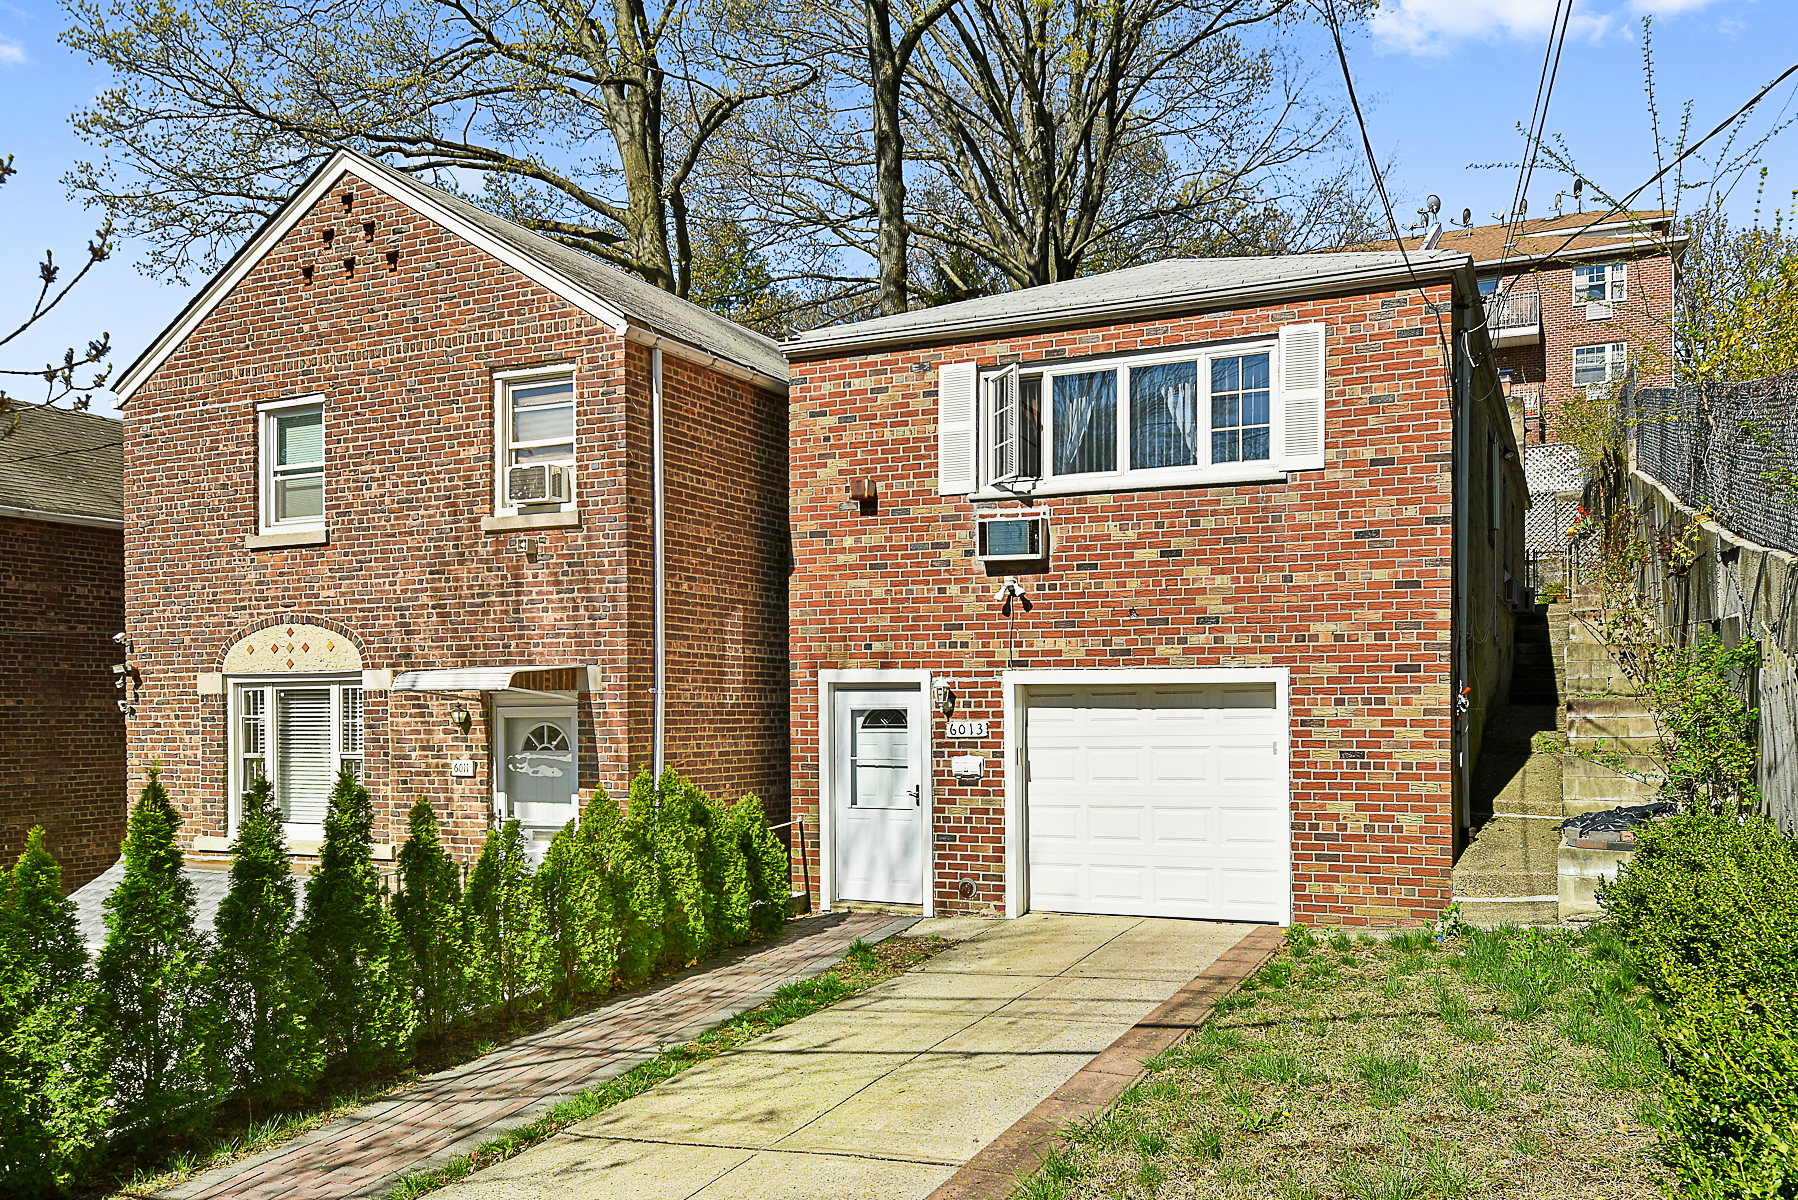 Einfamilienhaus für Verkauf beim Leafy North Riverdale Detached Brick Home 6013 Huxley Avenue Riverdale, New York, 10471 Vereinigte Staaten